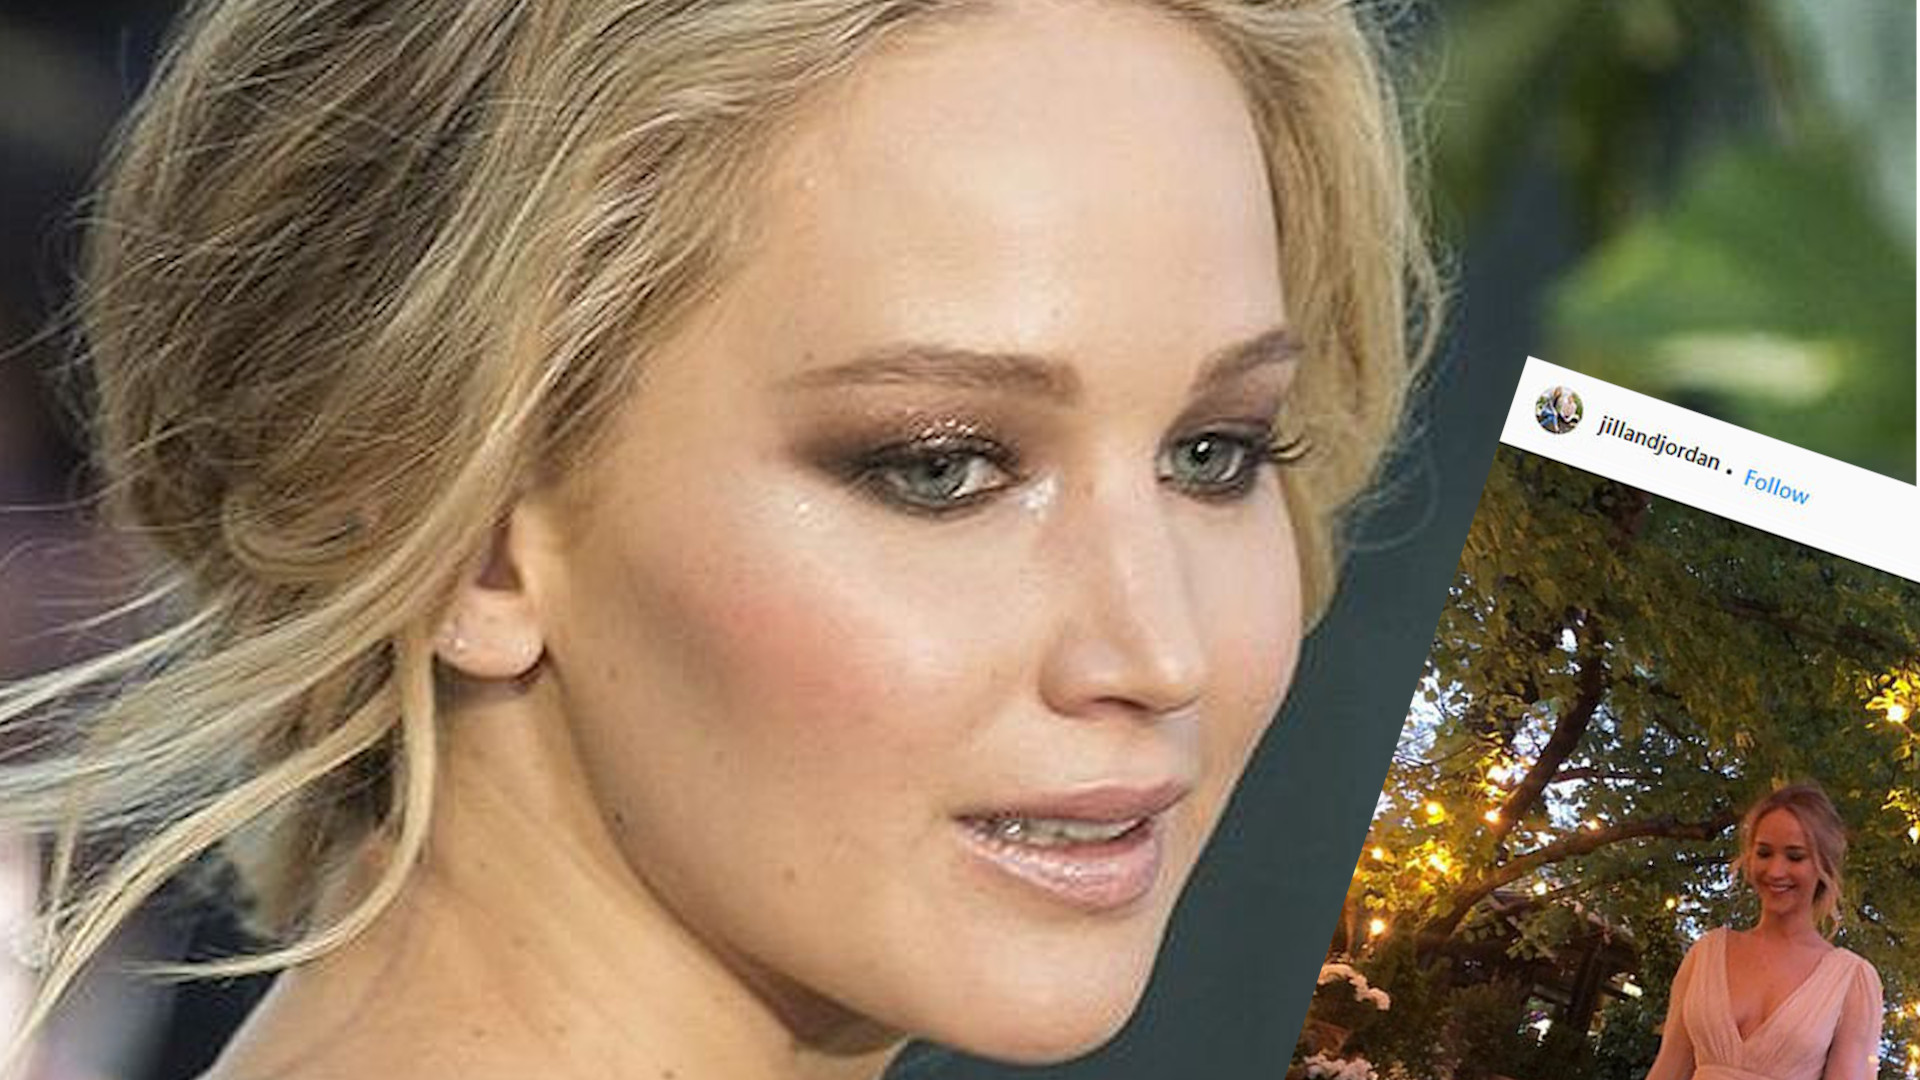 Stylistki Jennifer Lawrence pokazały jej zaręczynową sukienkę (ZDJĘCIE)